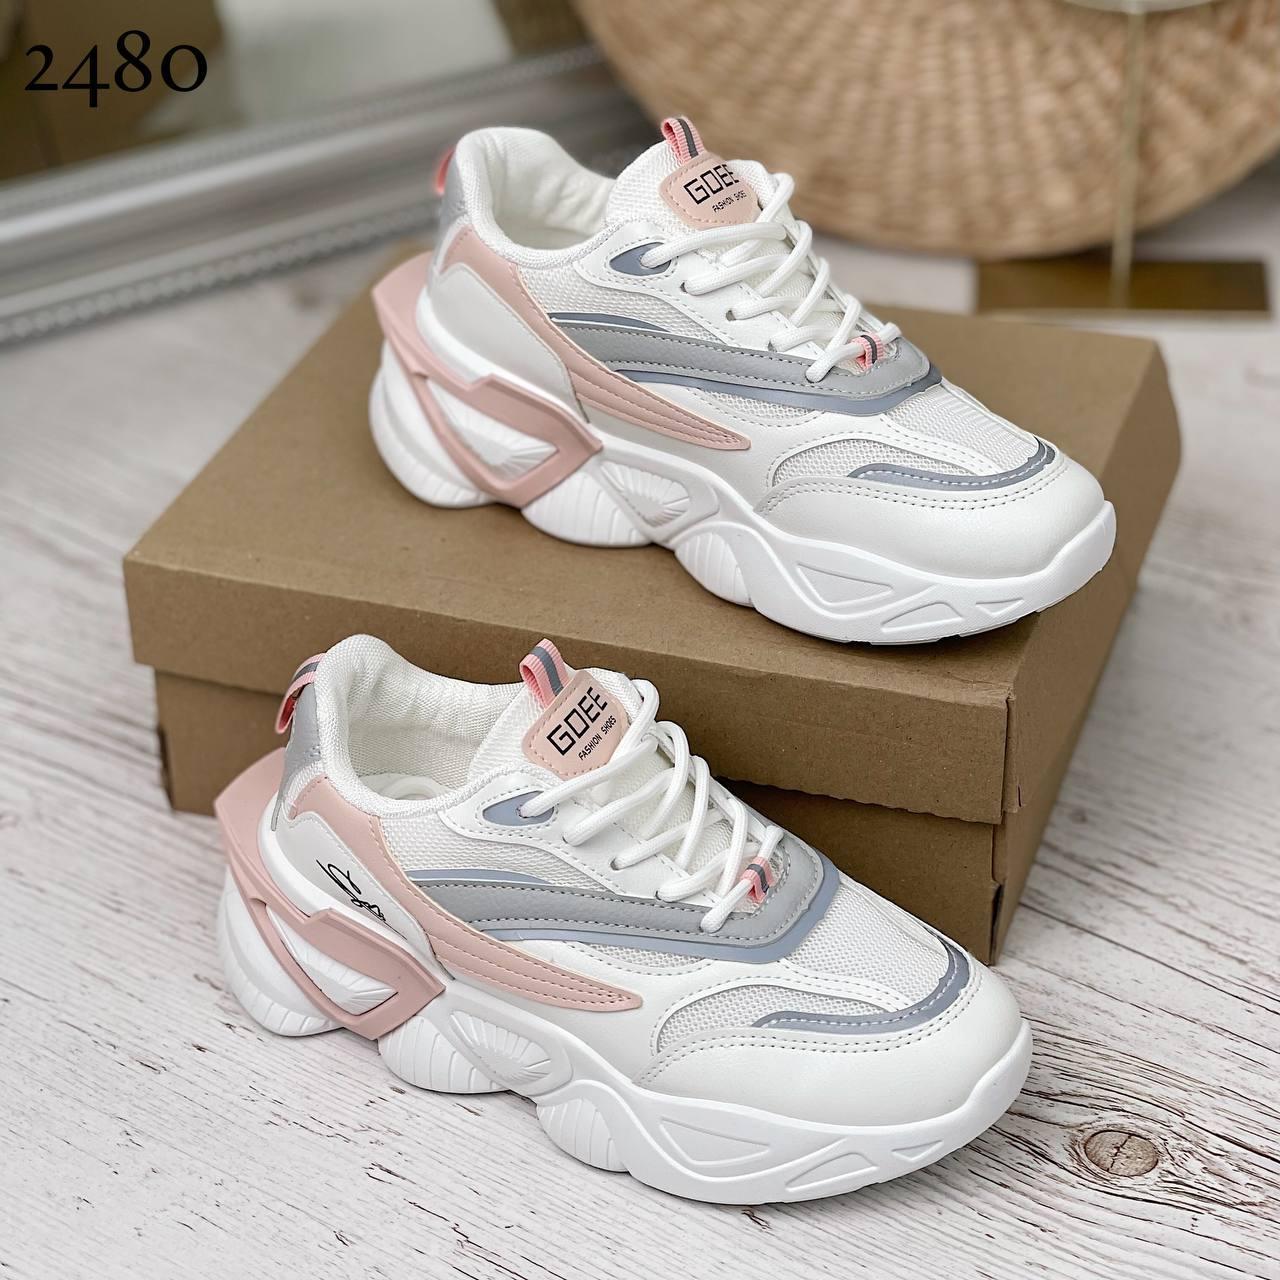 Стильные кроссовки женские белые с серым /розовым эко-кожа+ текстиль